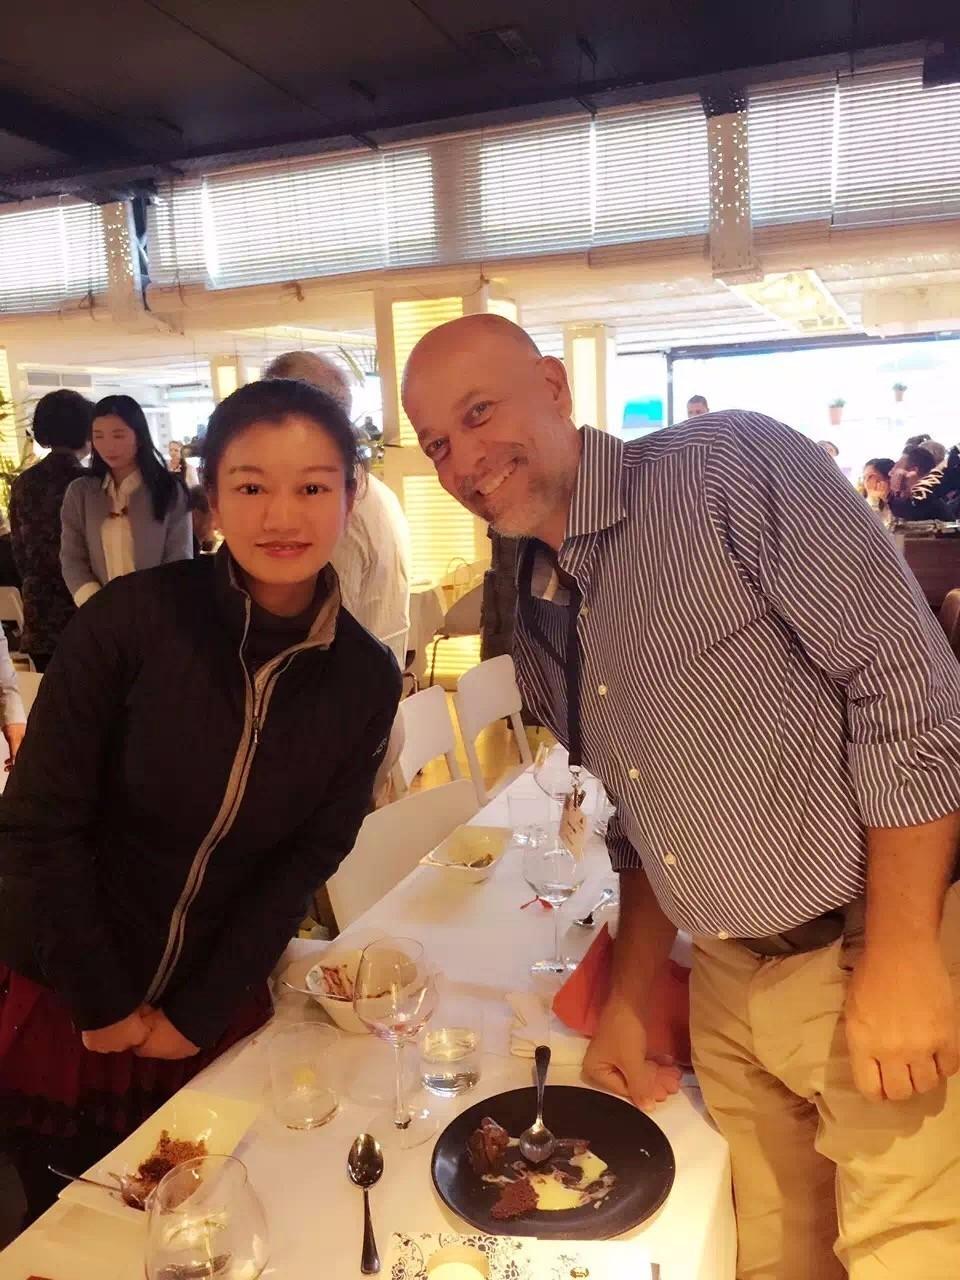 西班牙,巴塞罗那,国际帆联,帆船运动,安哥拉 世界帆船联合年会在西班牙举行,中国杯代表出席年度盛会 77b7a0640dda1a97515684e8e5209592.jpg